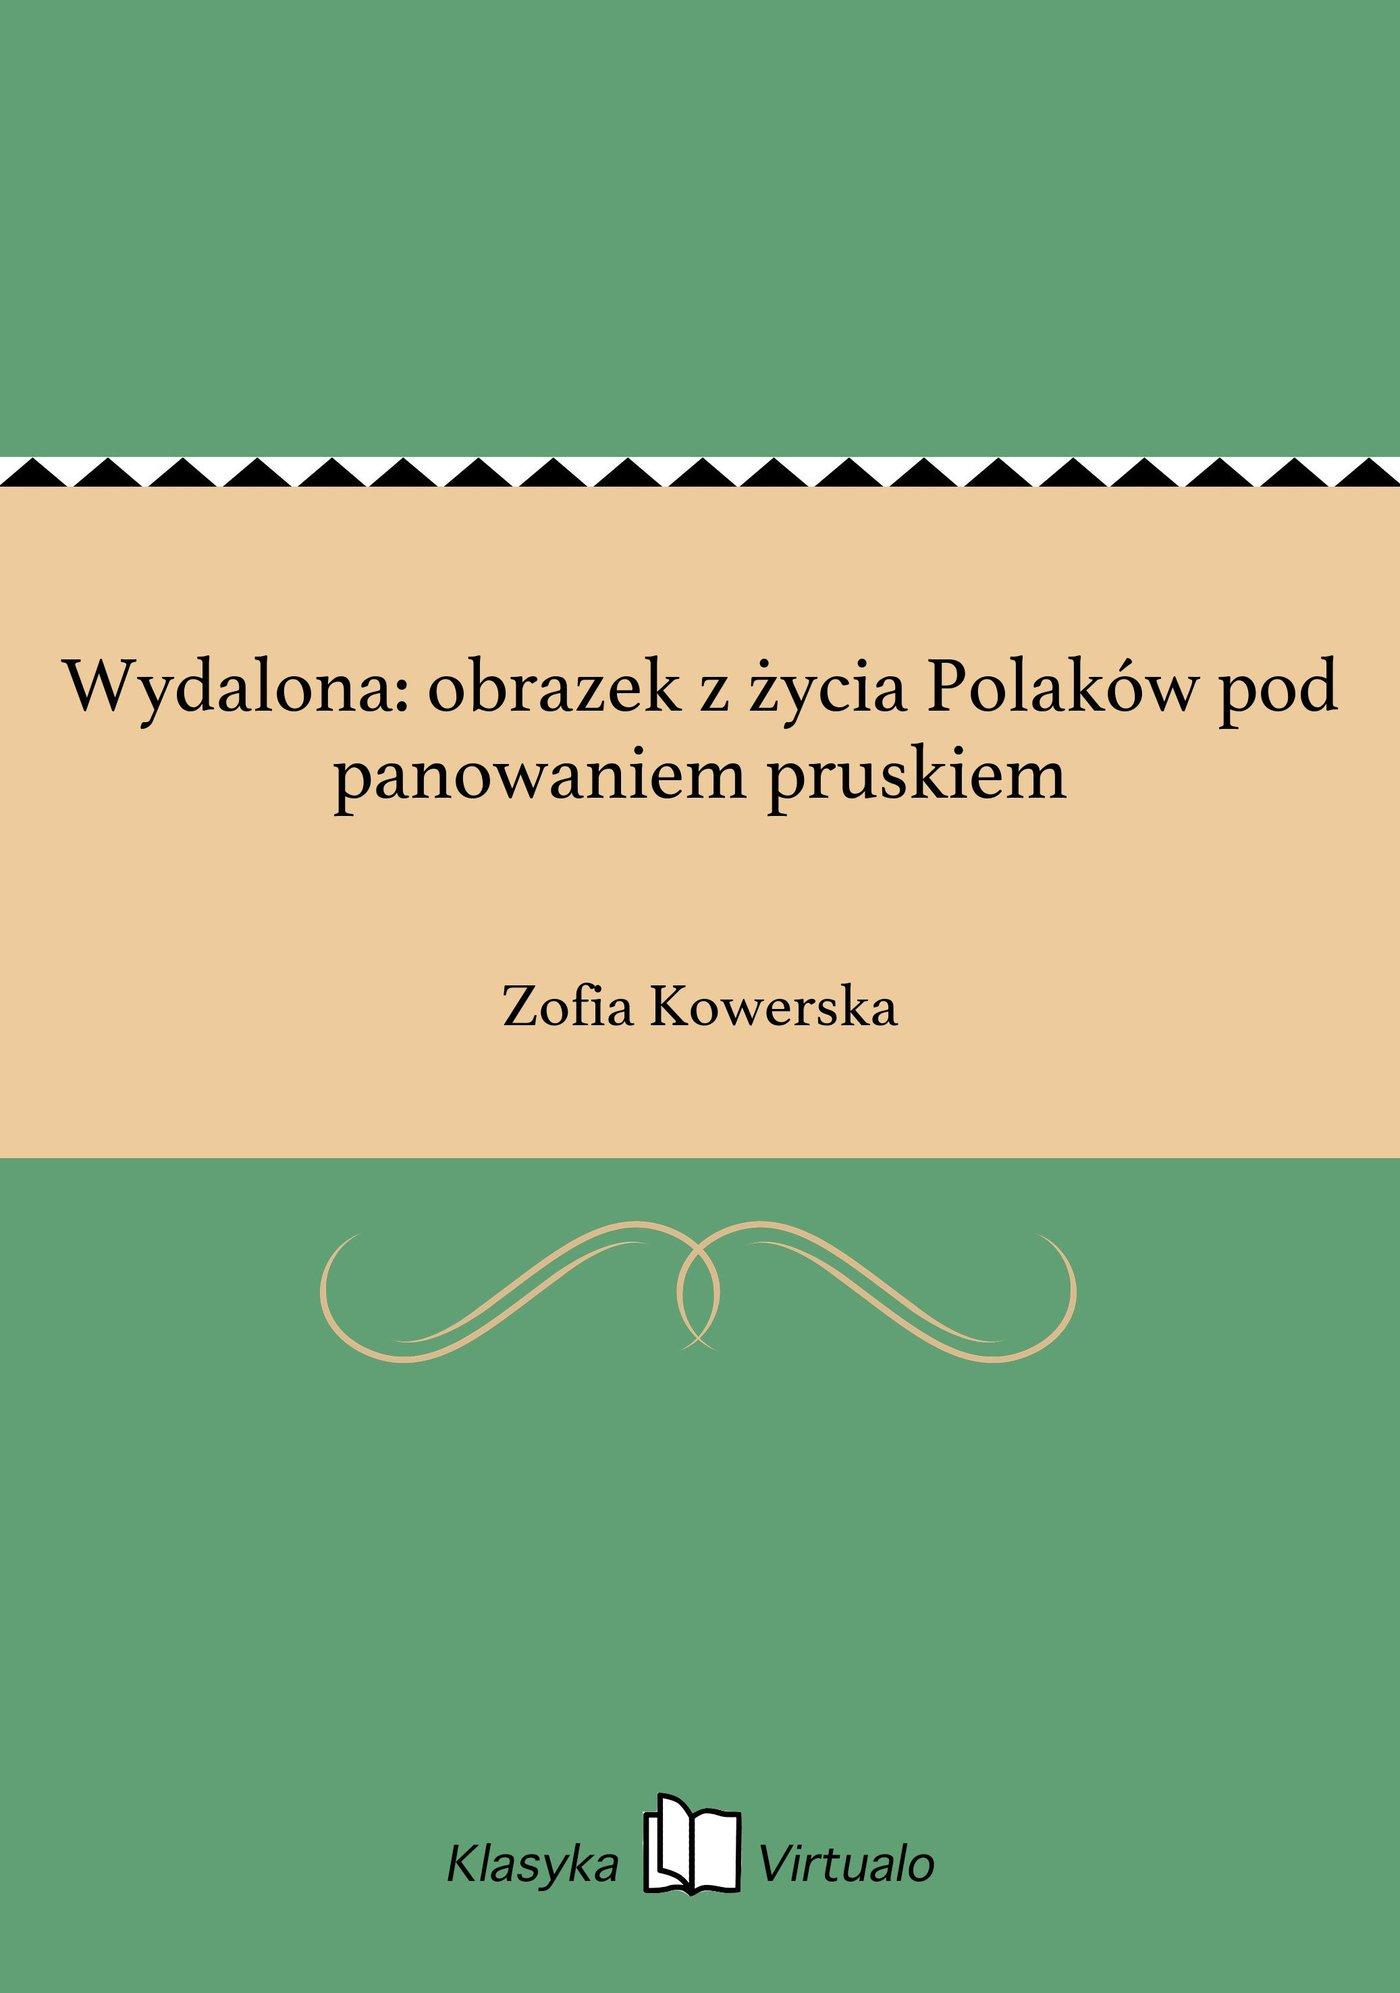 Wydalona: obrazek z życia Polaków pod panowaniem pruskiem - Ebook (Książka EPUB) do pobrania w formacie EPUB